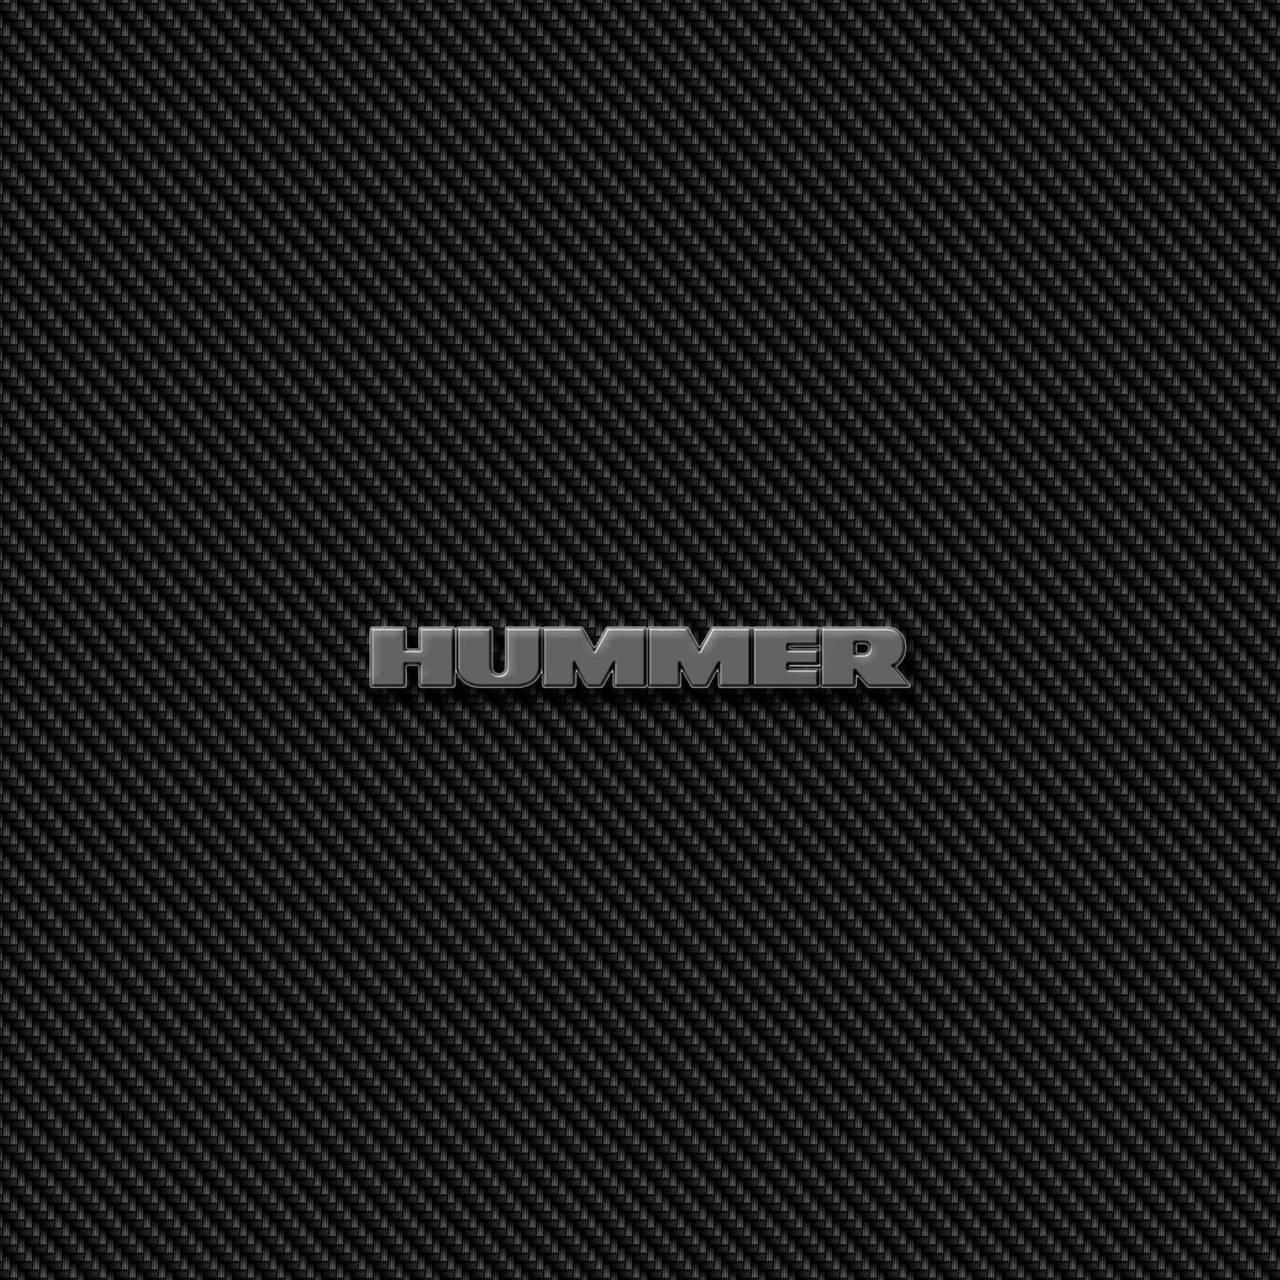 Hummer Carbon 2